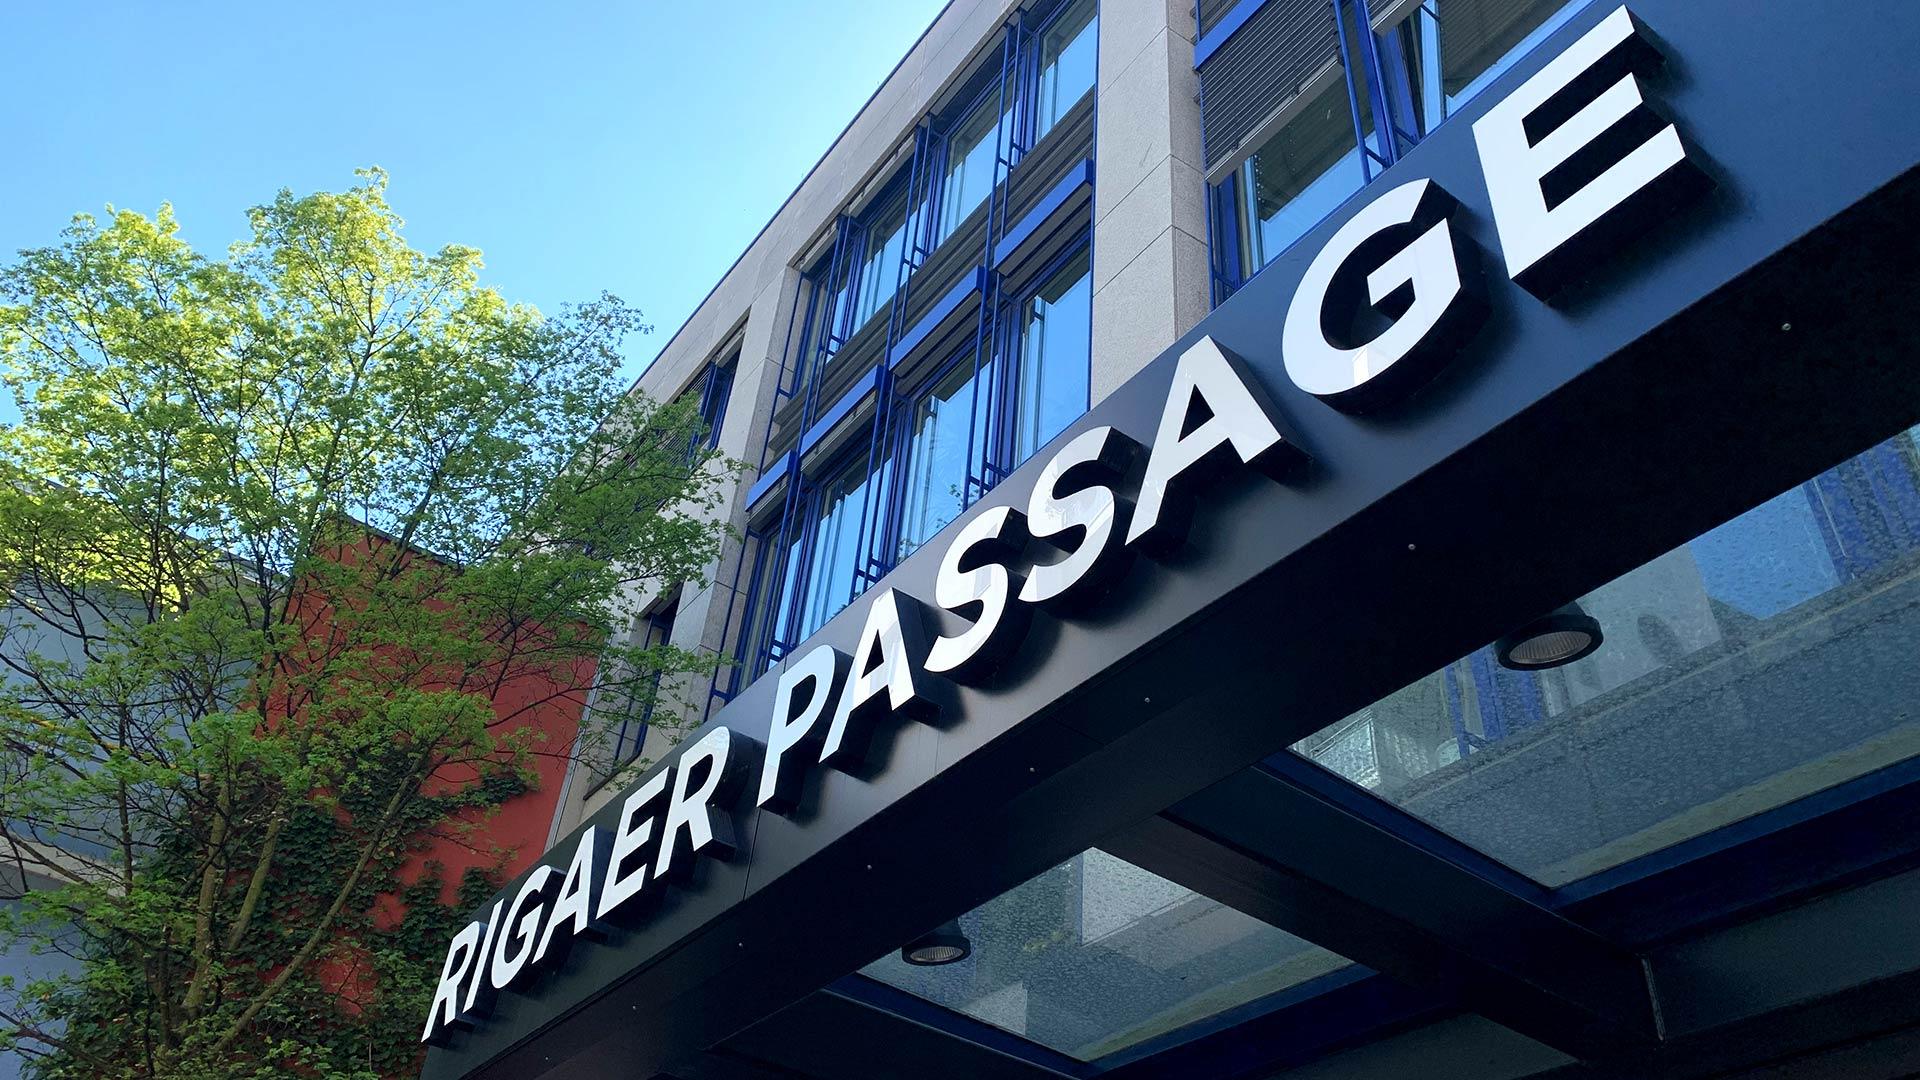 Passage Rigaer Strasse - Neues Wegeleitsystem